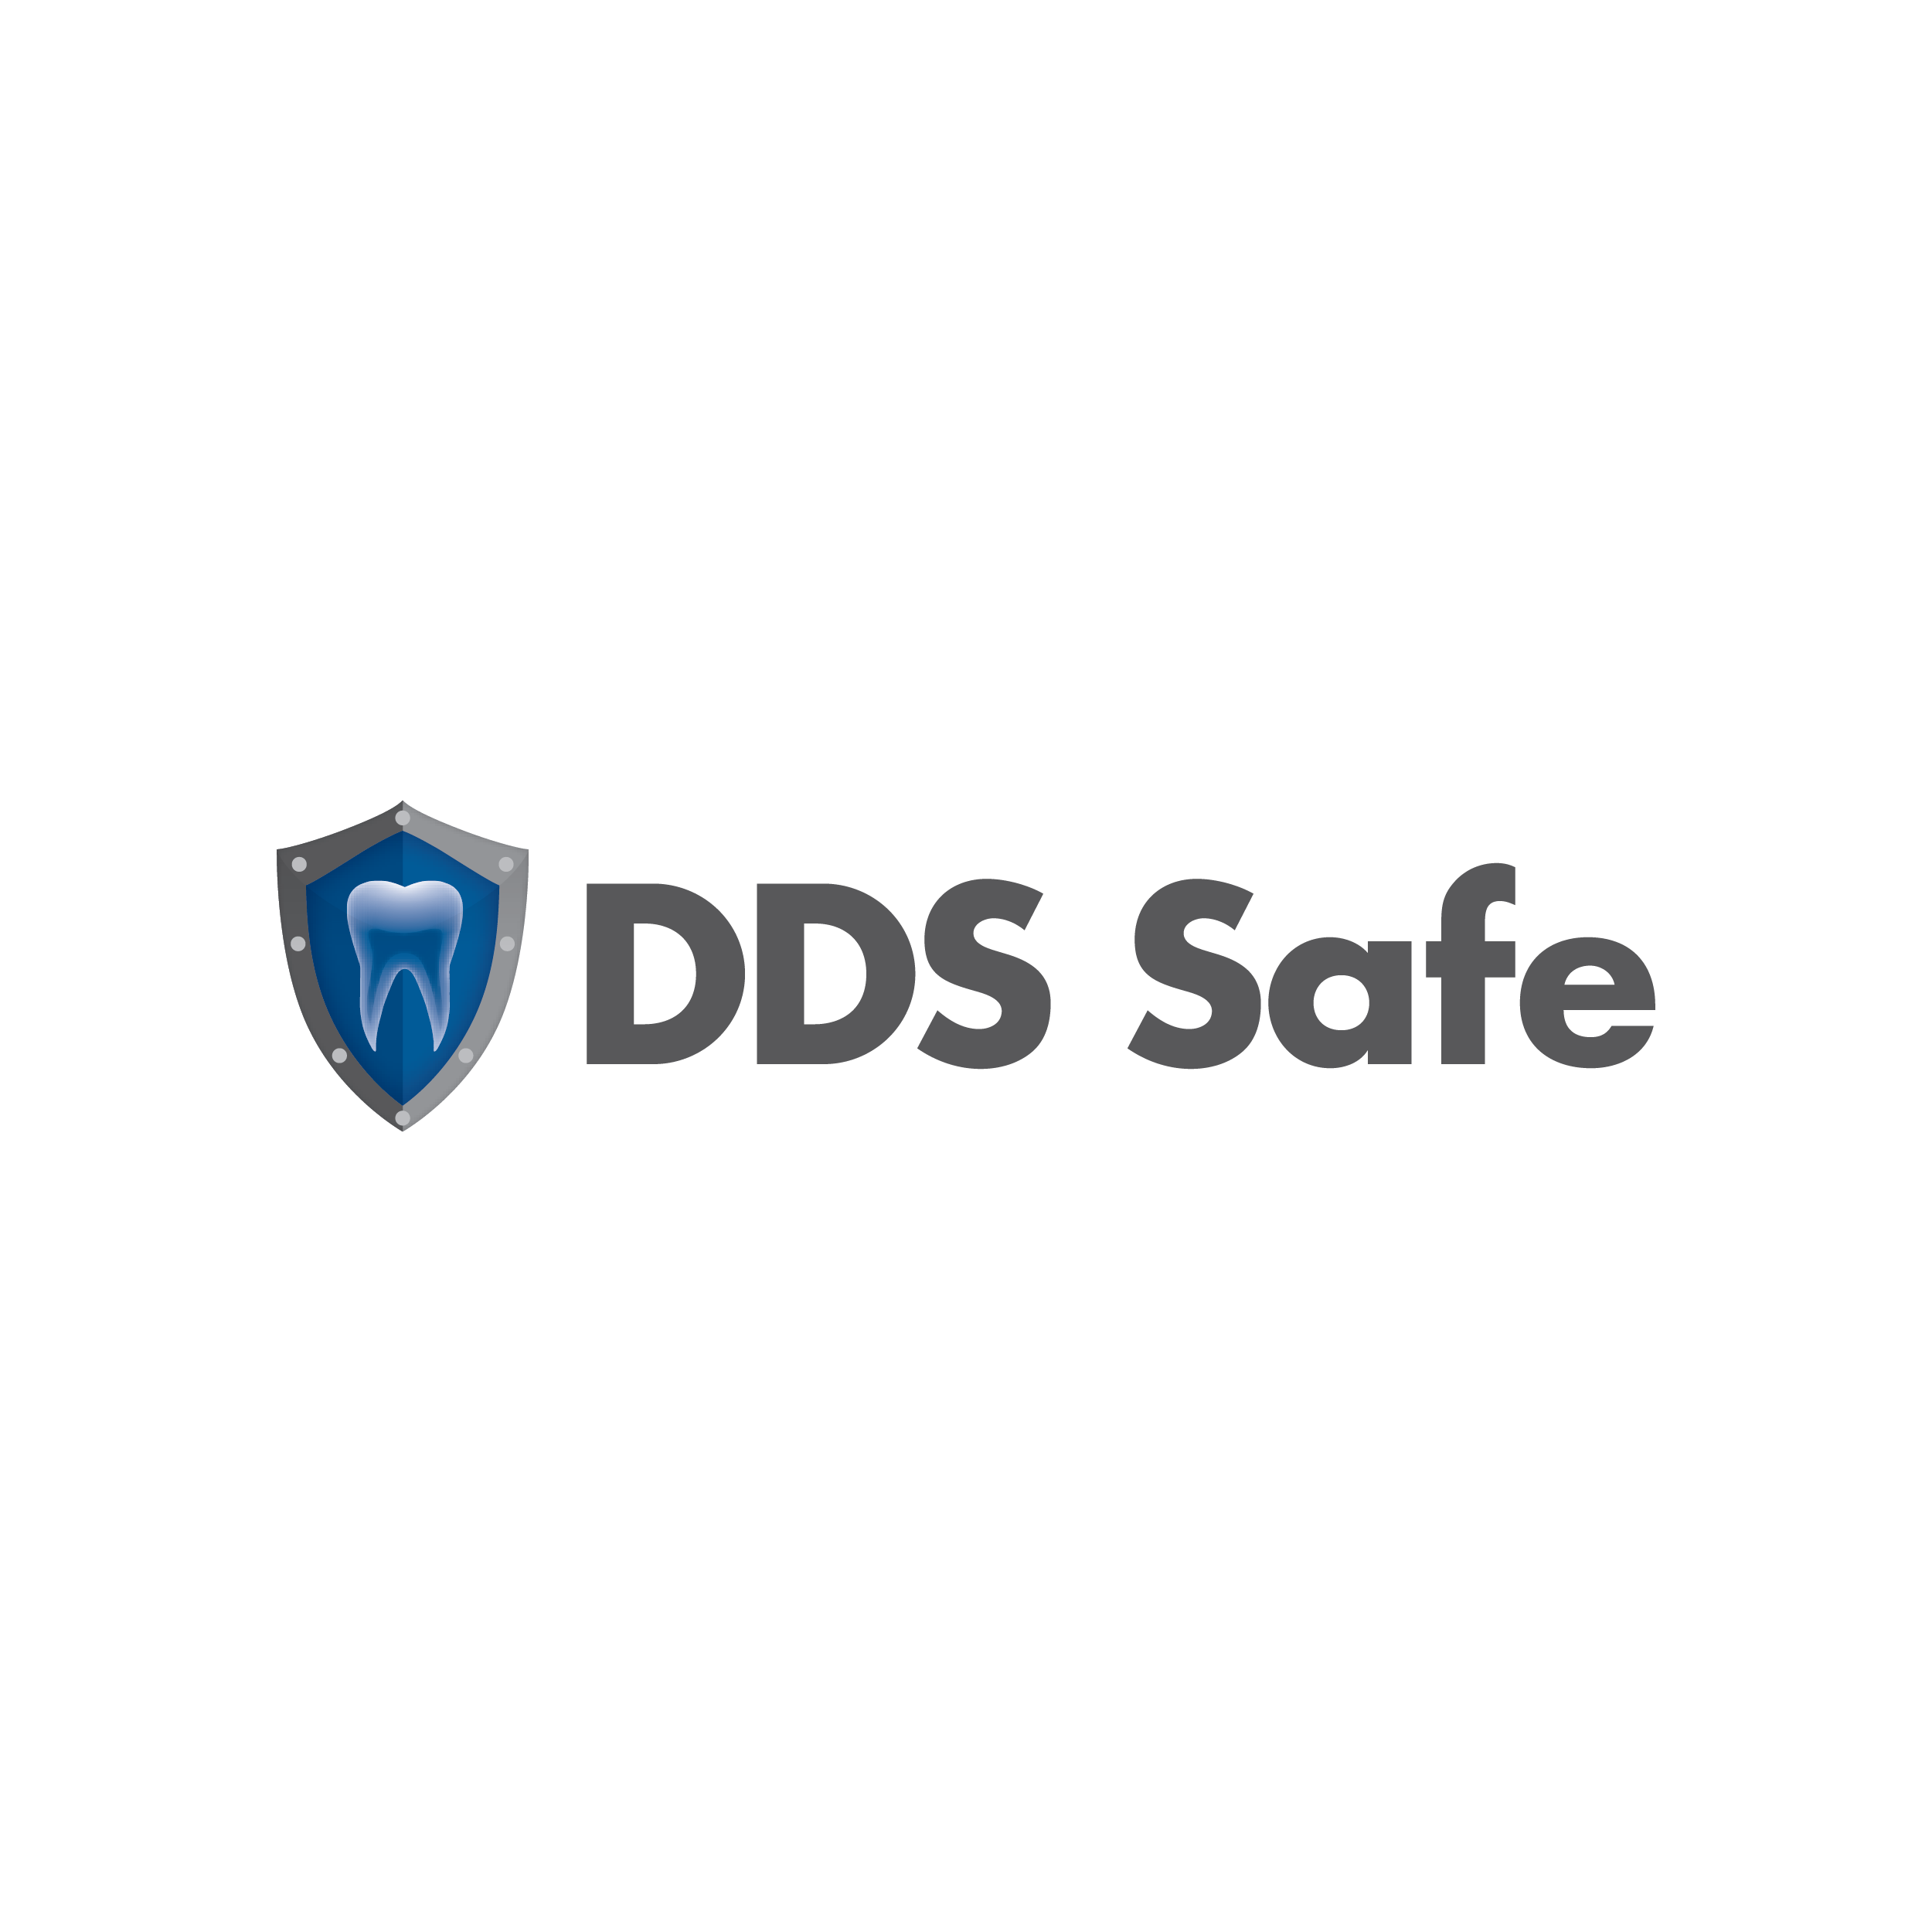 DDS Safe